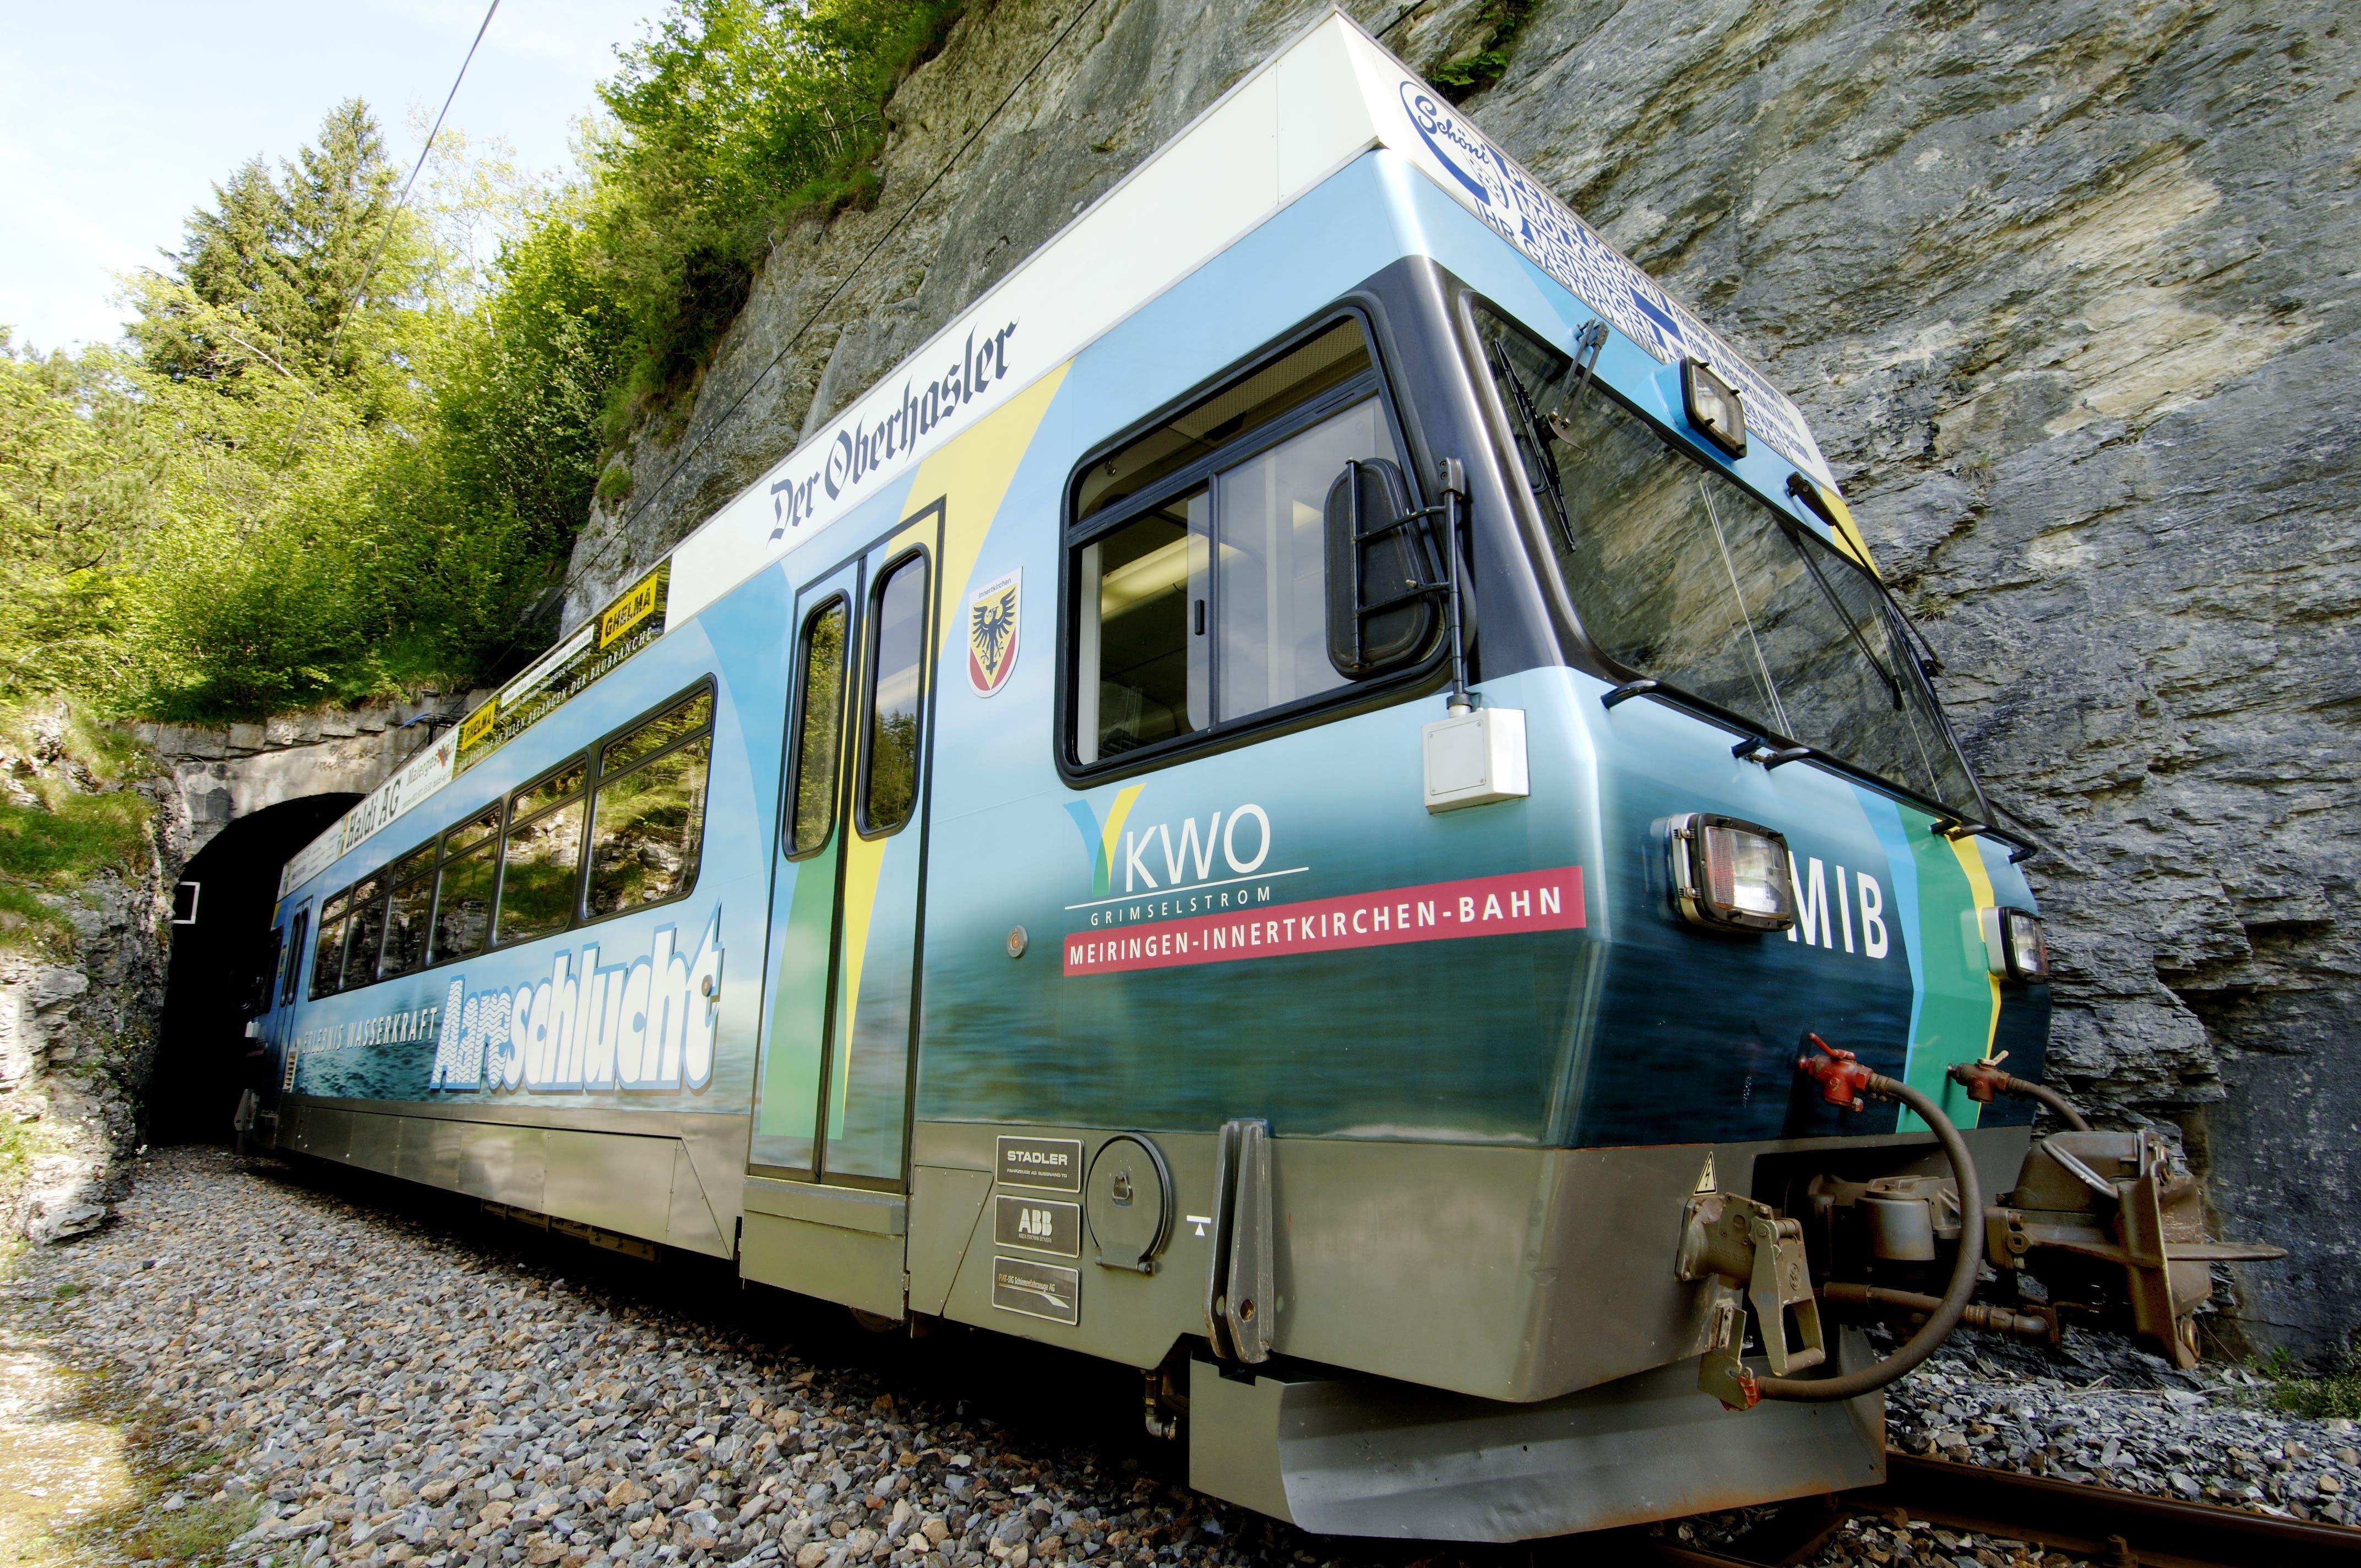 Top: Die KWO als Betreiberin der Meiringen-Innertkirchen-Bahn steht im Test des Bundes auf dem Platz 1.